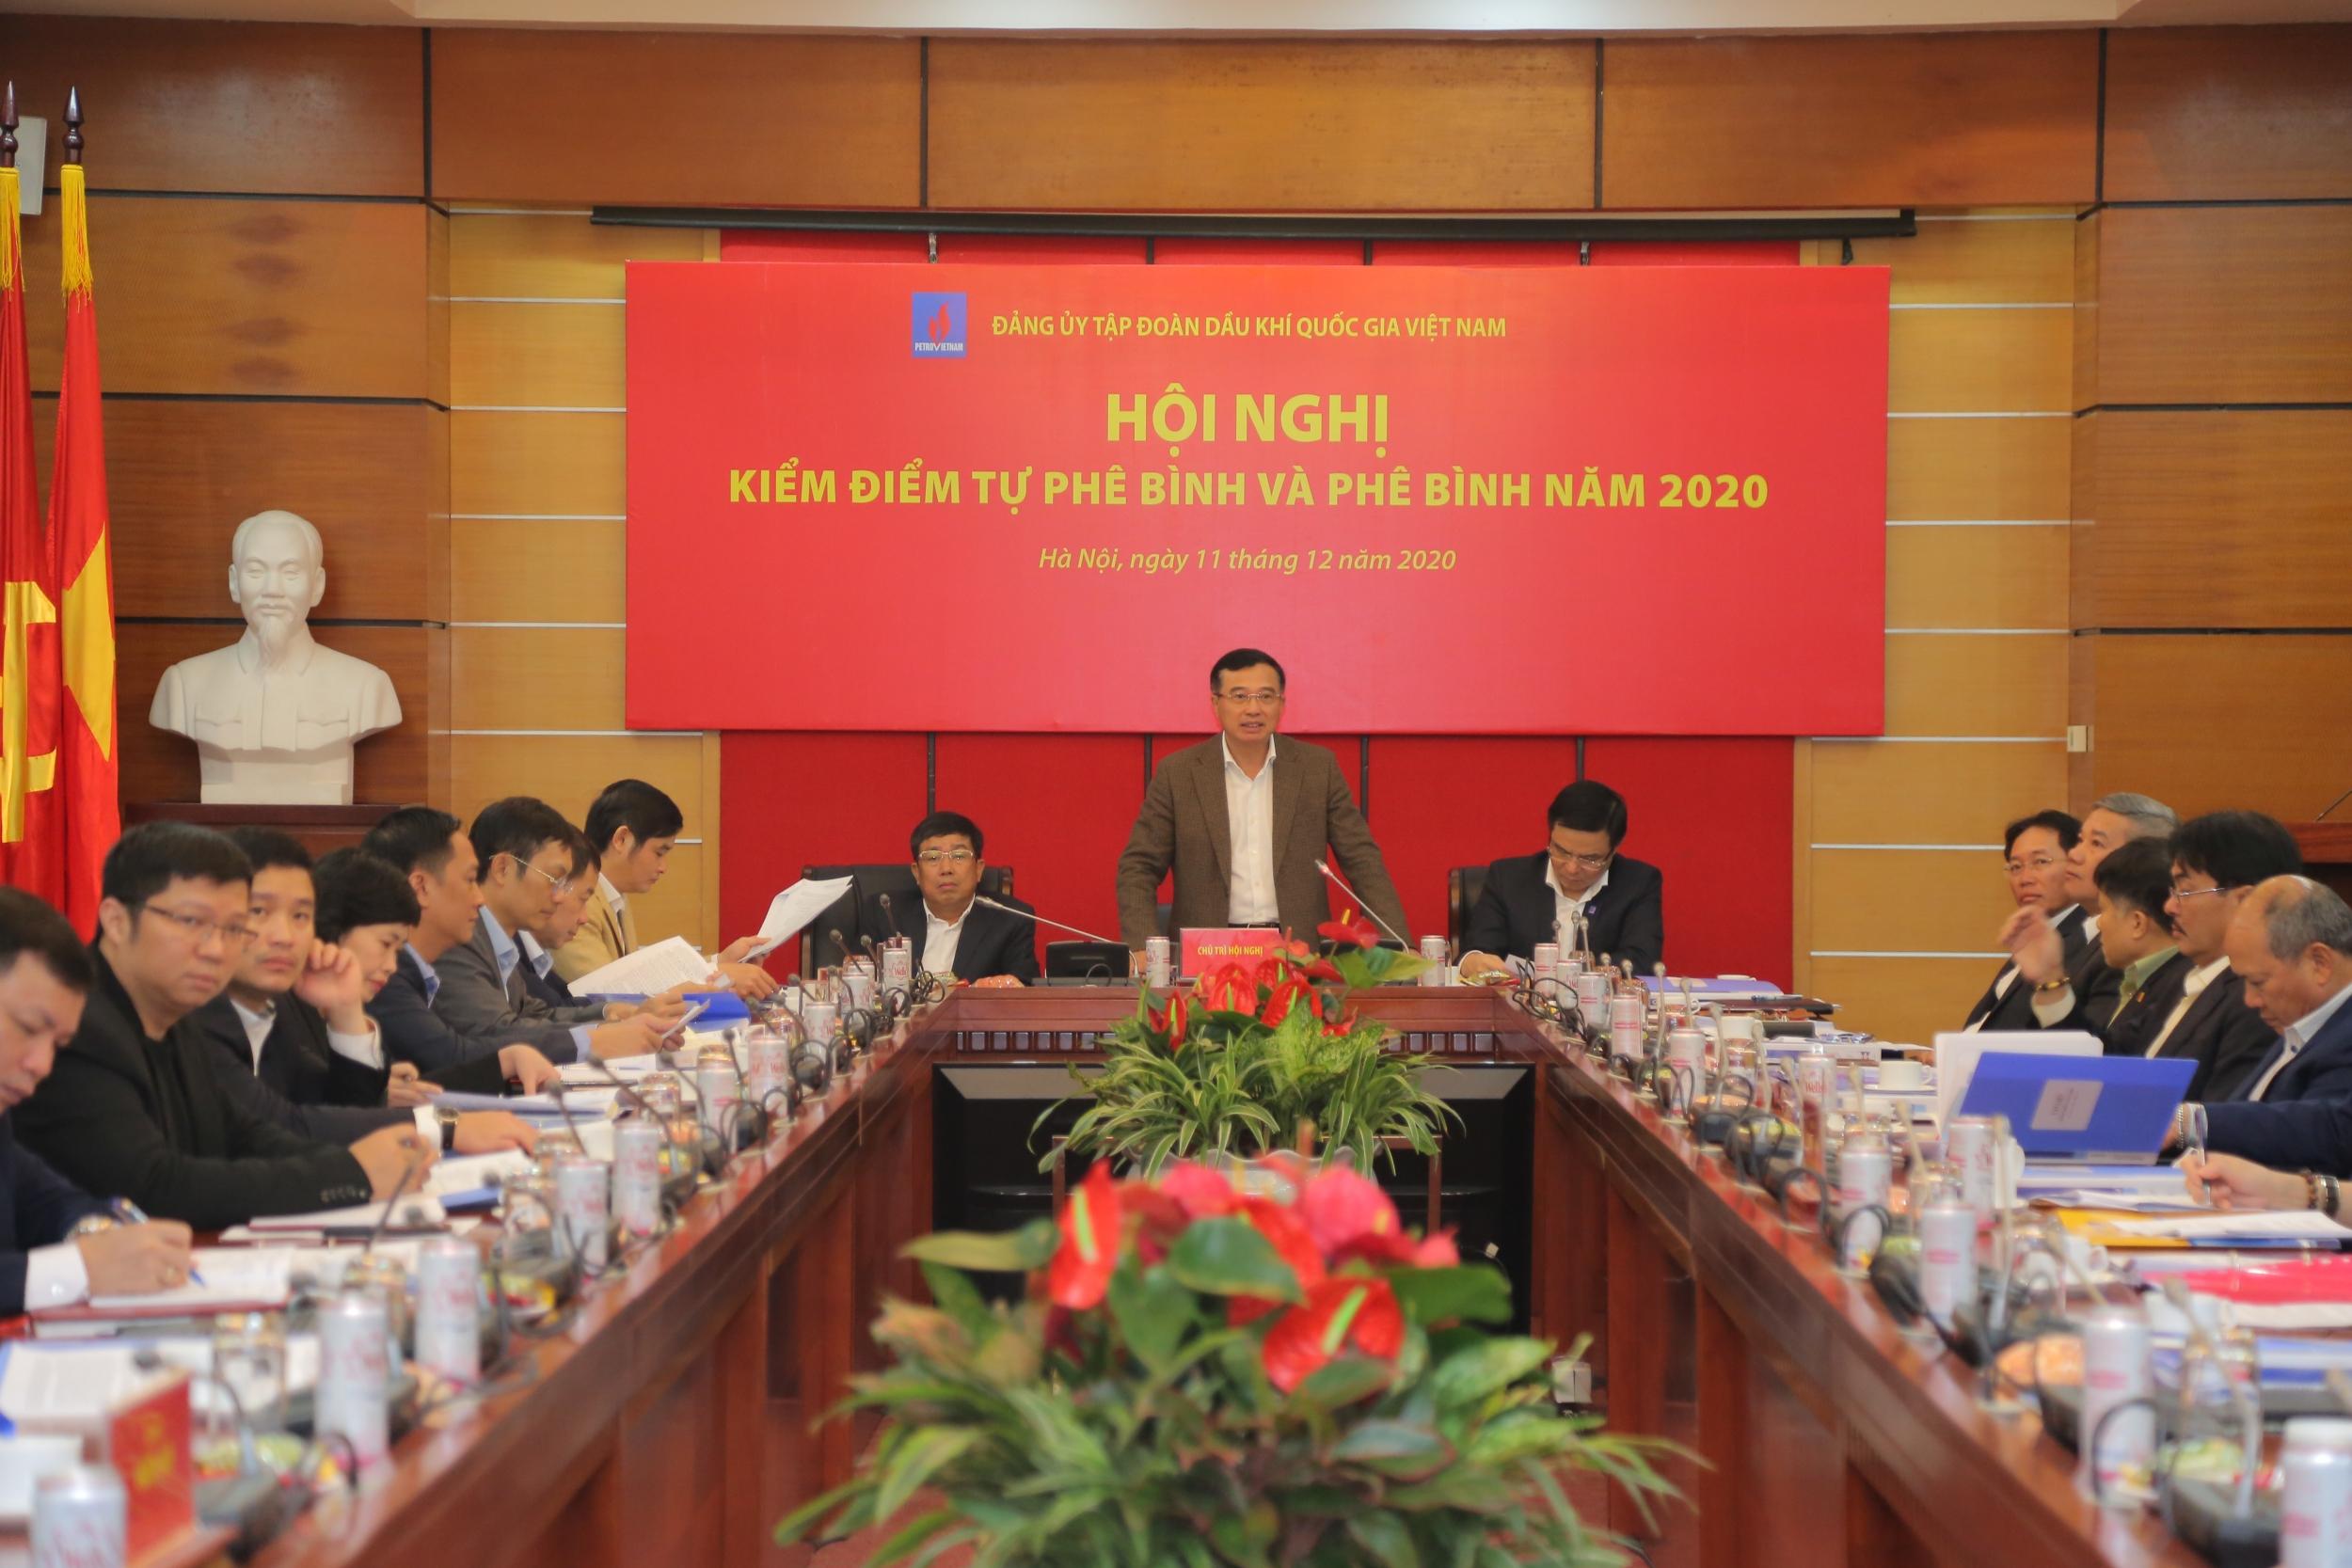 Đảng ủy Tập đoàn tổ chức Hội nghị kiểm điểm tự phê bình và phê bình năm 2020